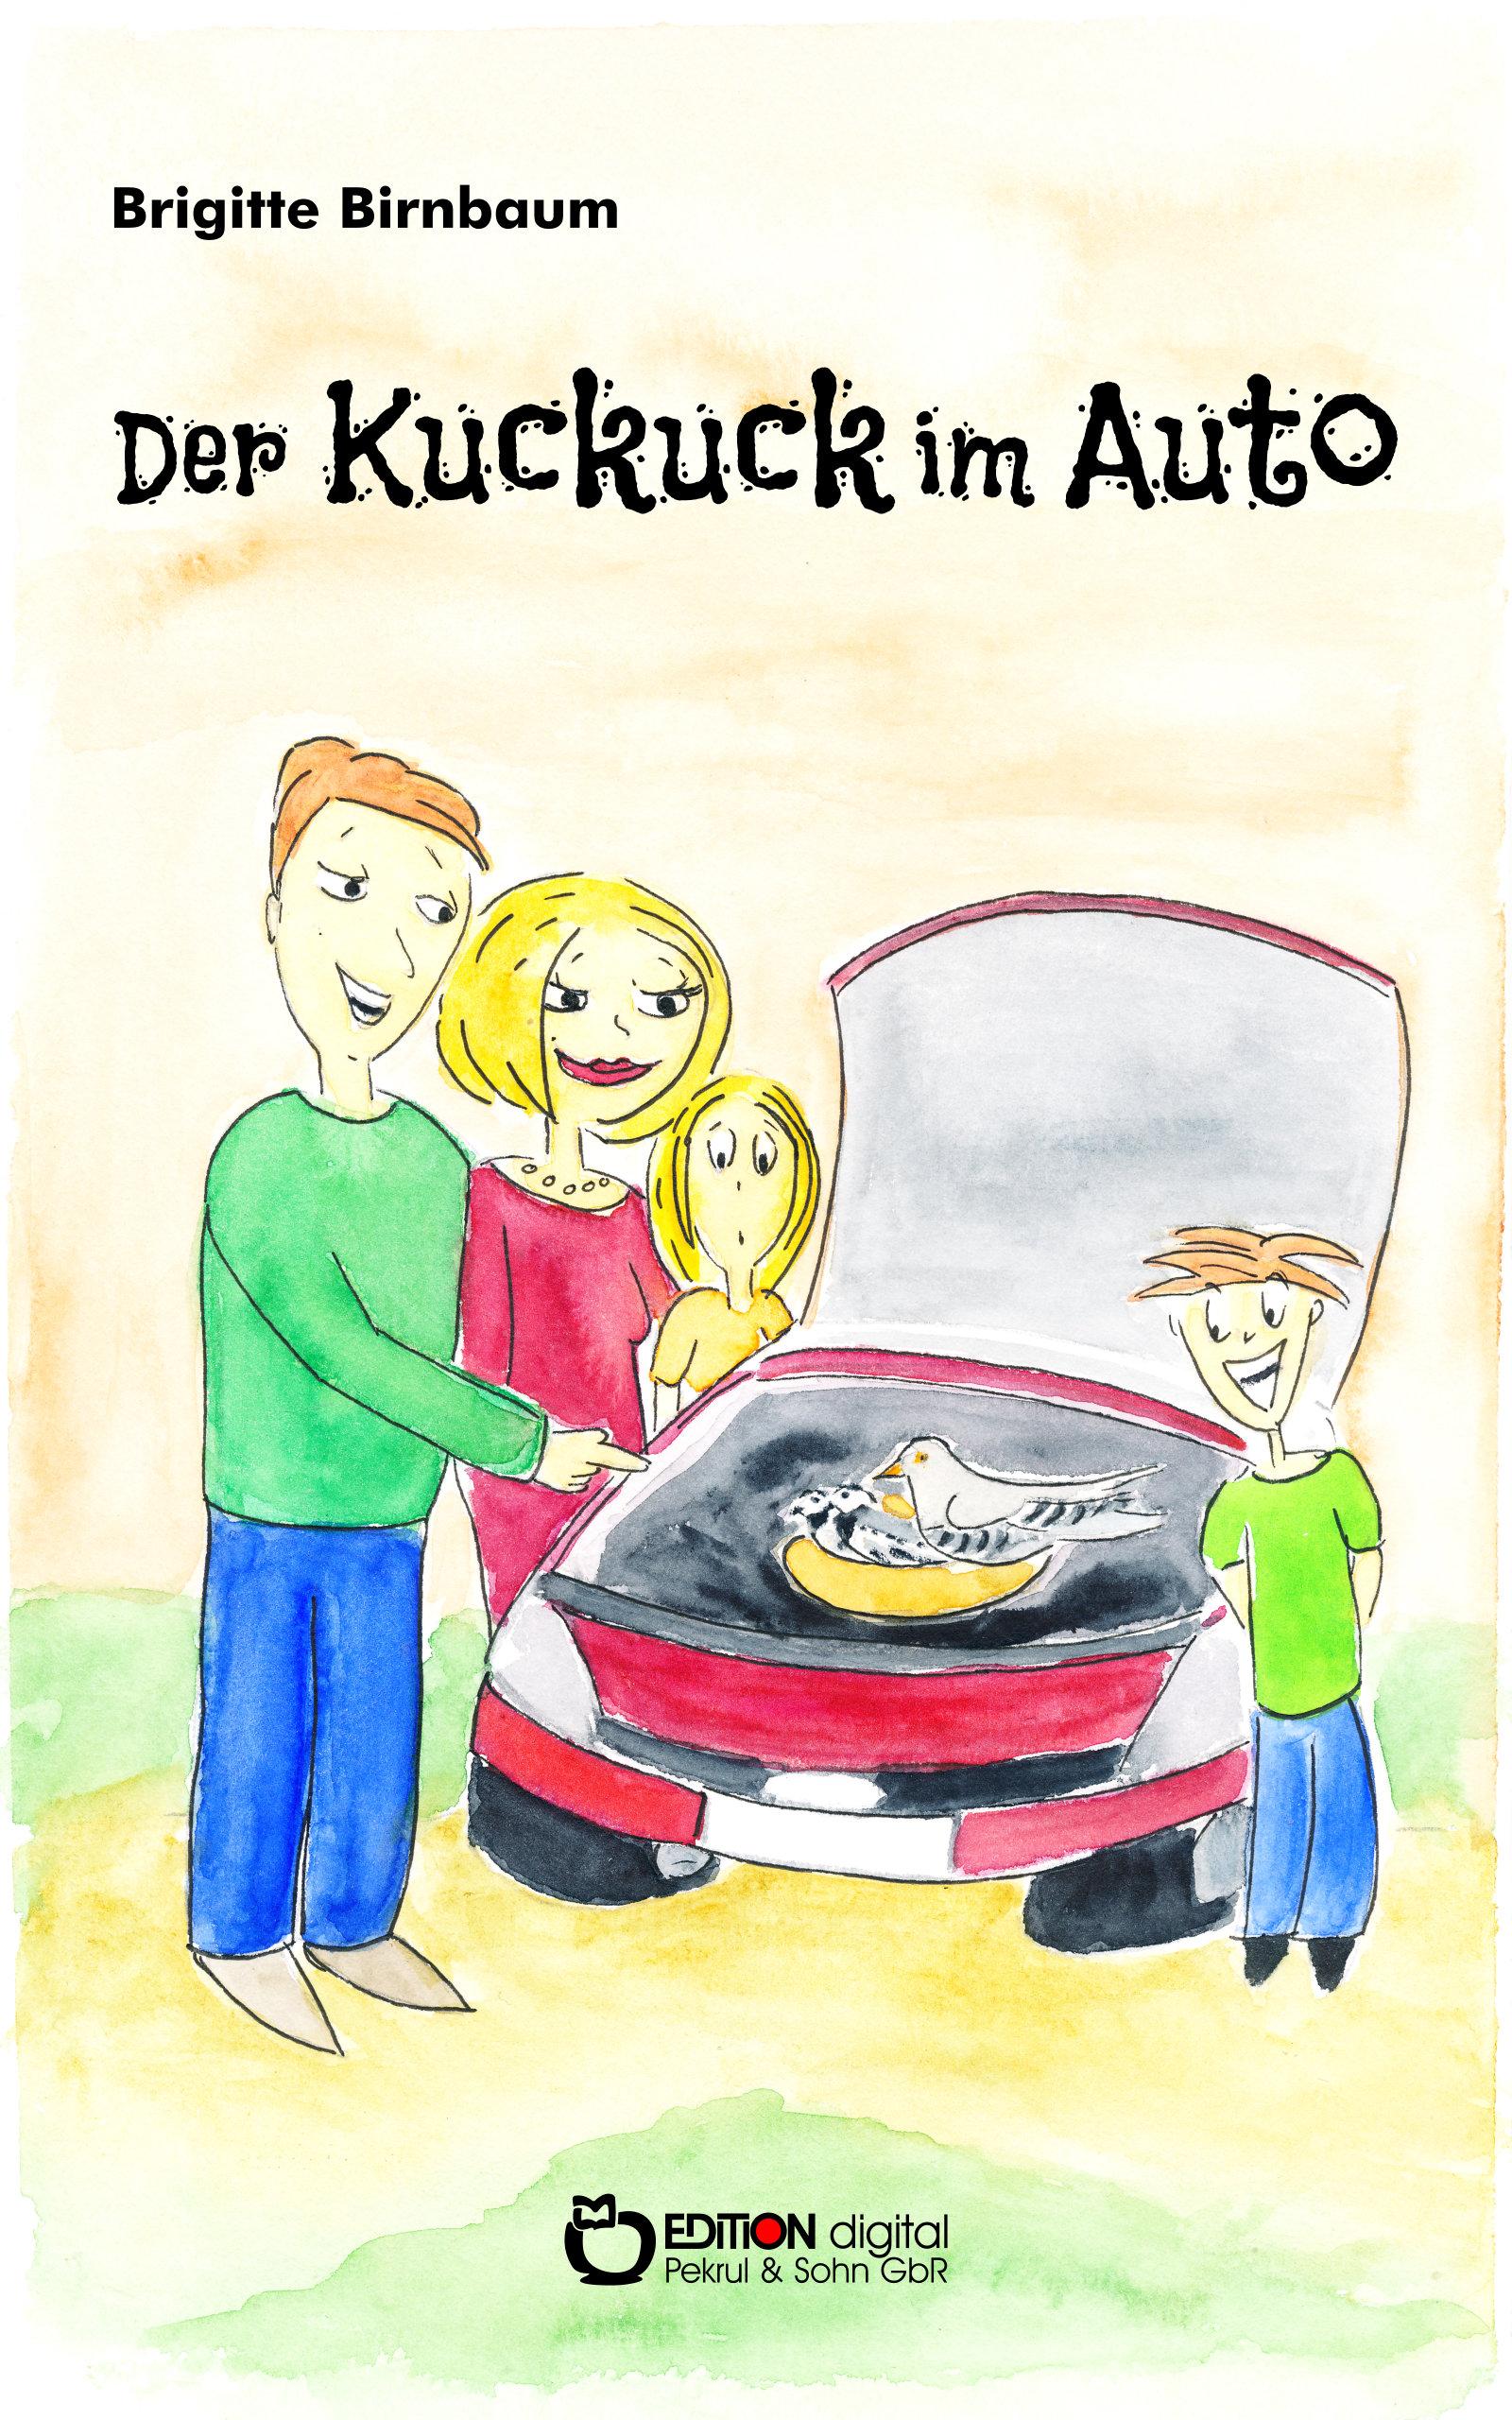 Der Kuckuck im Auto von Brigitte Birnbaum, Walter Ammoser